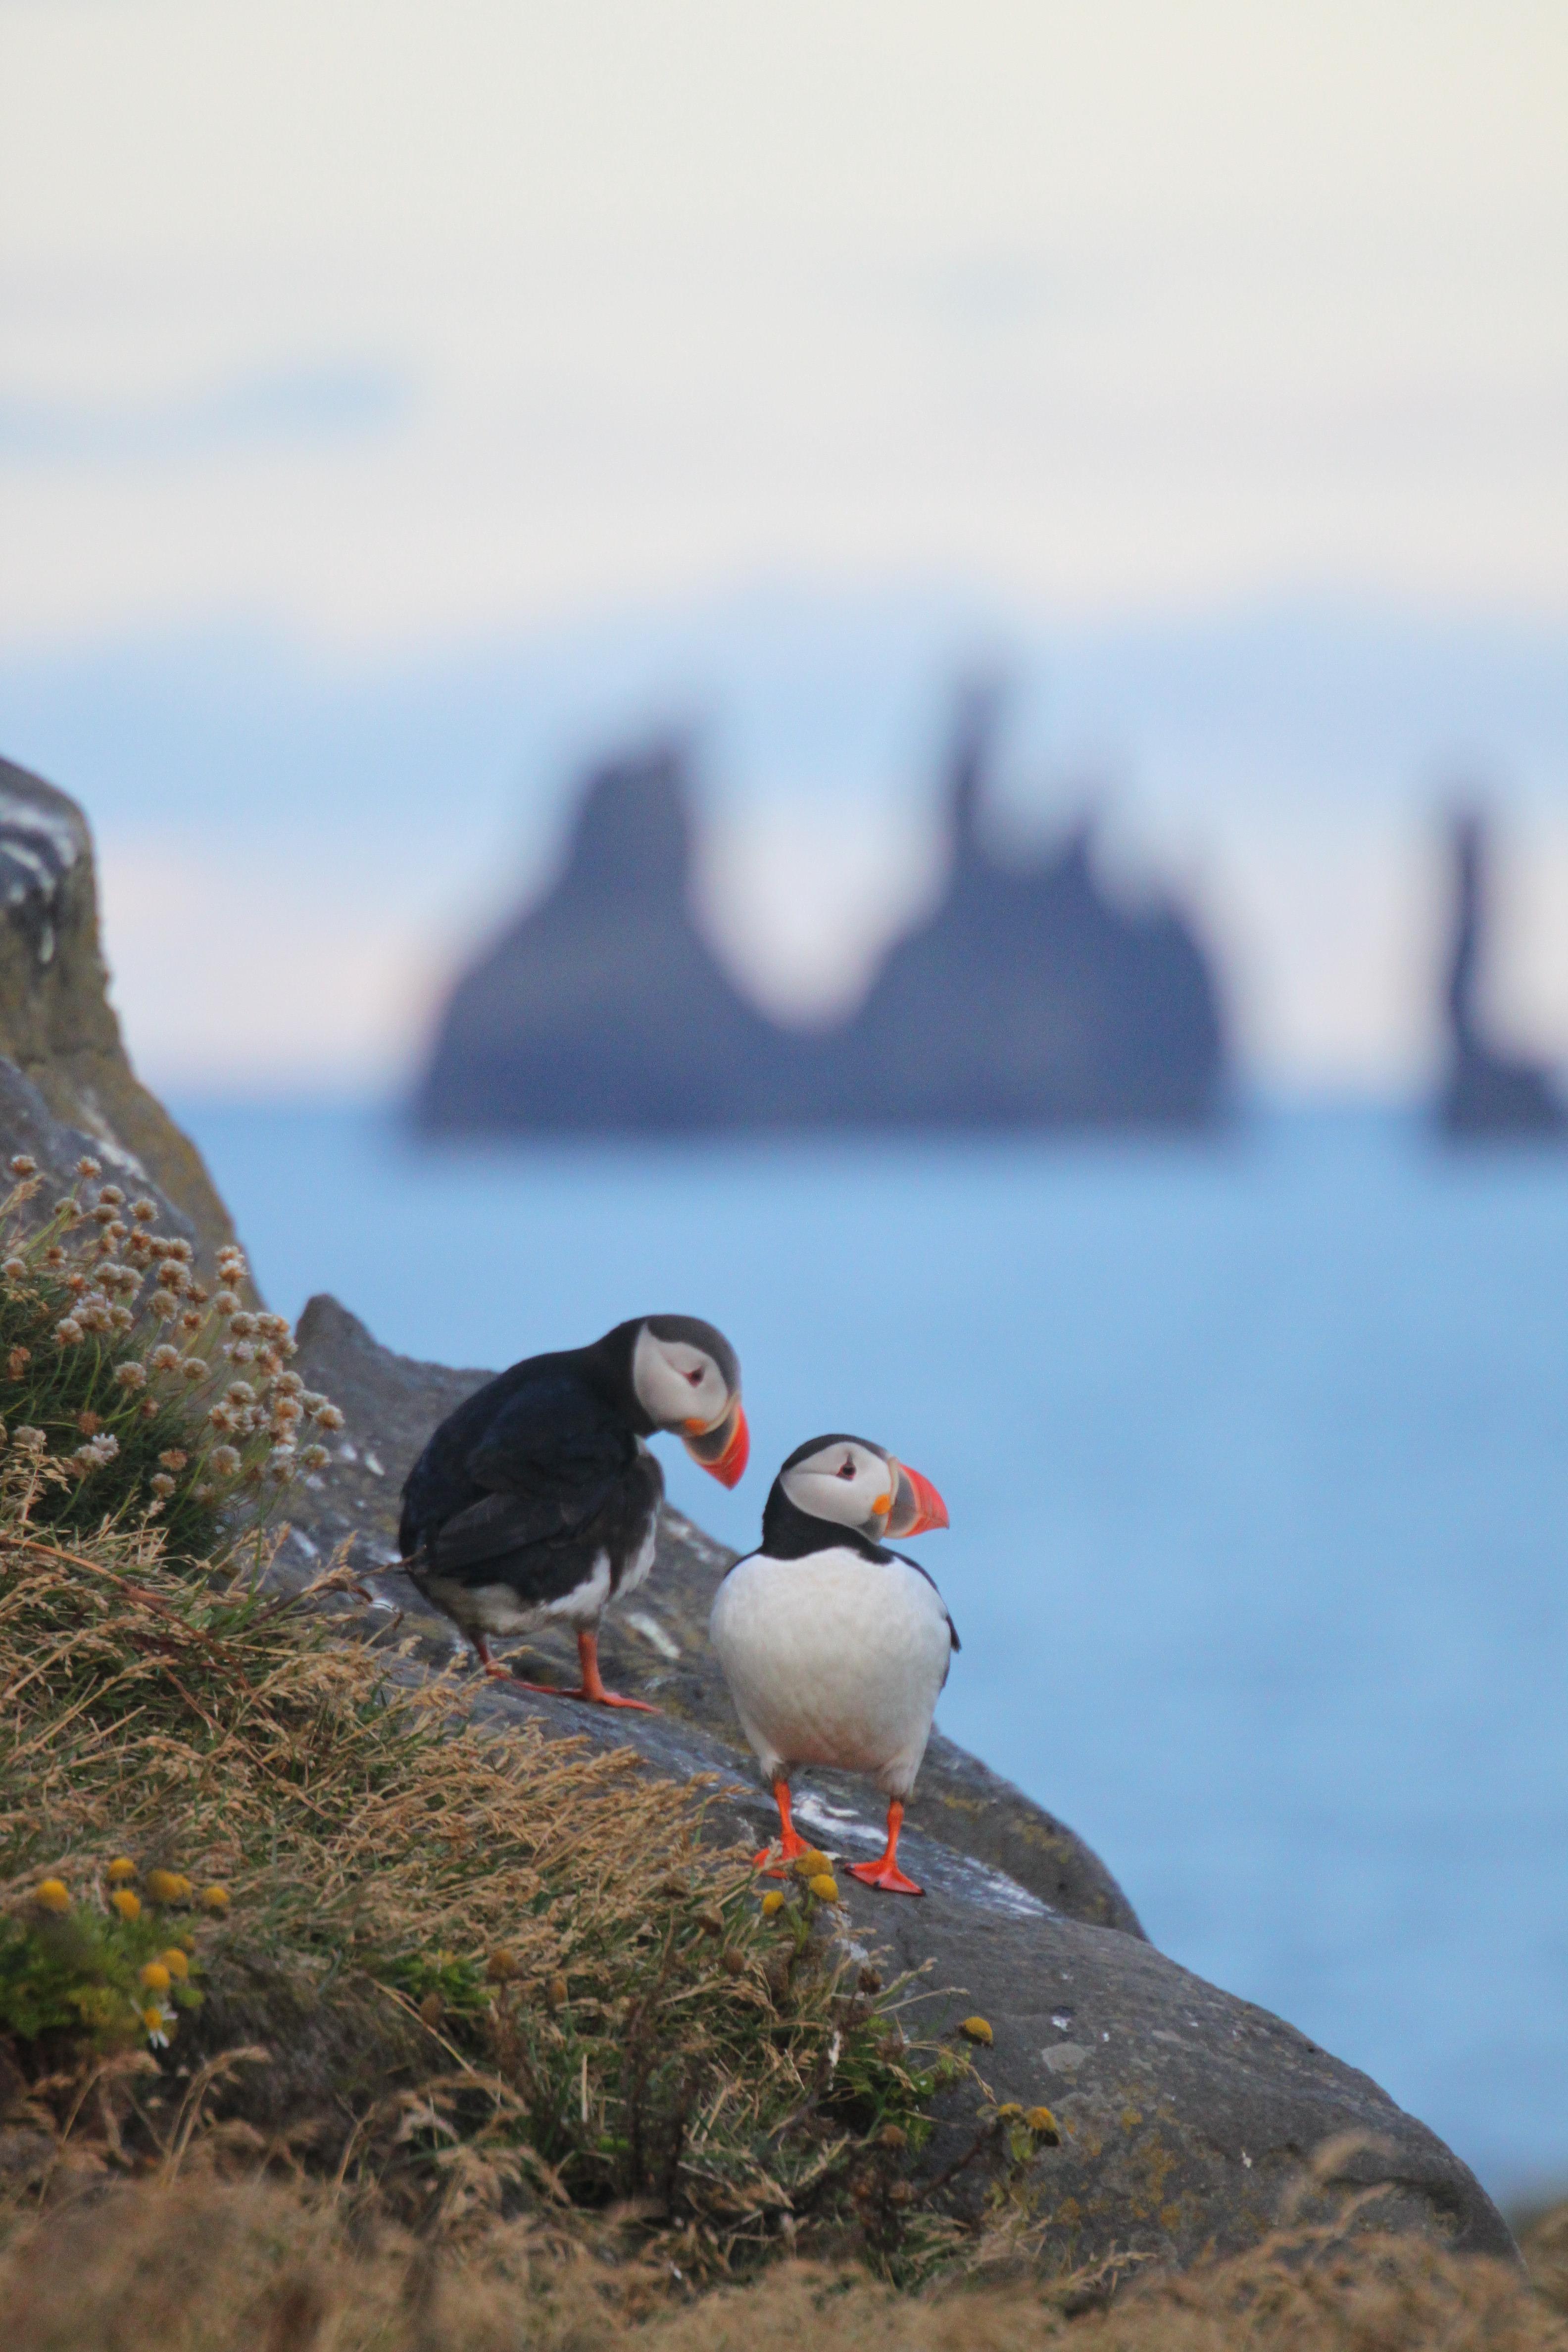 Søpapegøjerne også kaldet Lunde, er populære turistmål . Fuglene er både søde, kluntede og smukke.